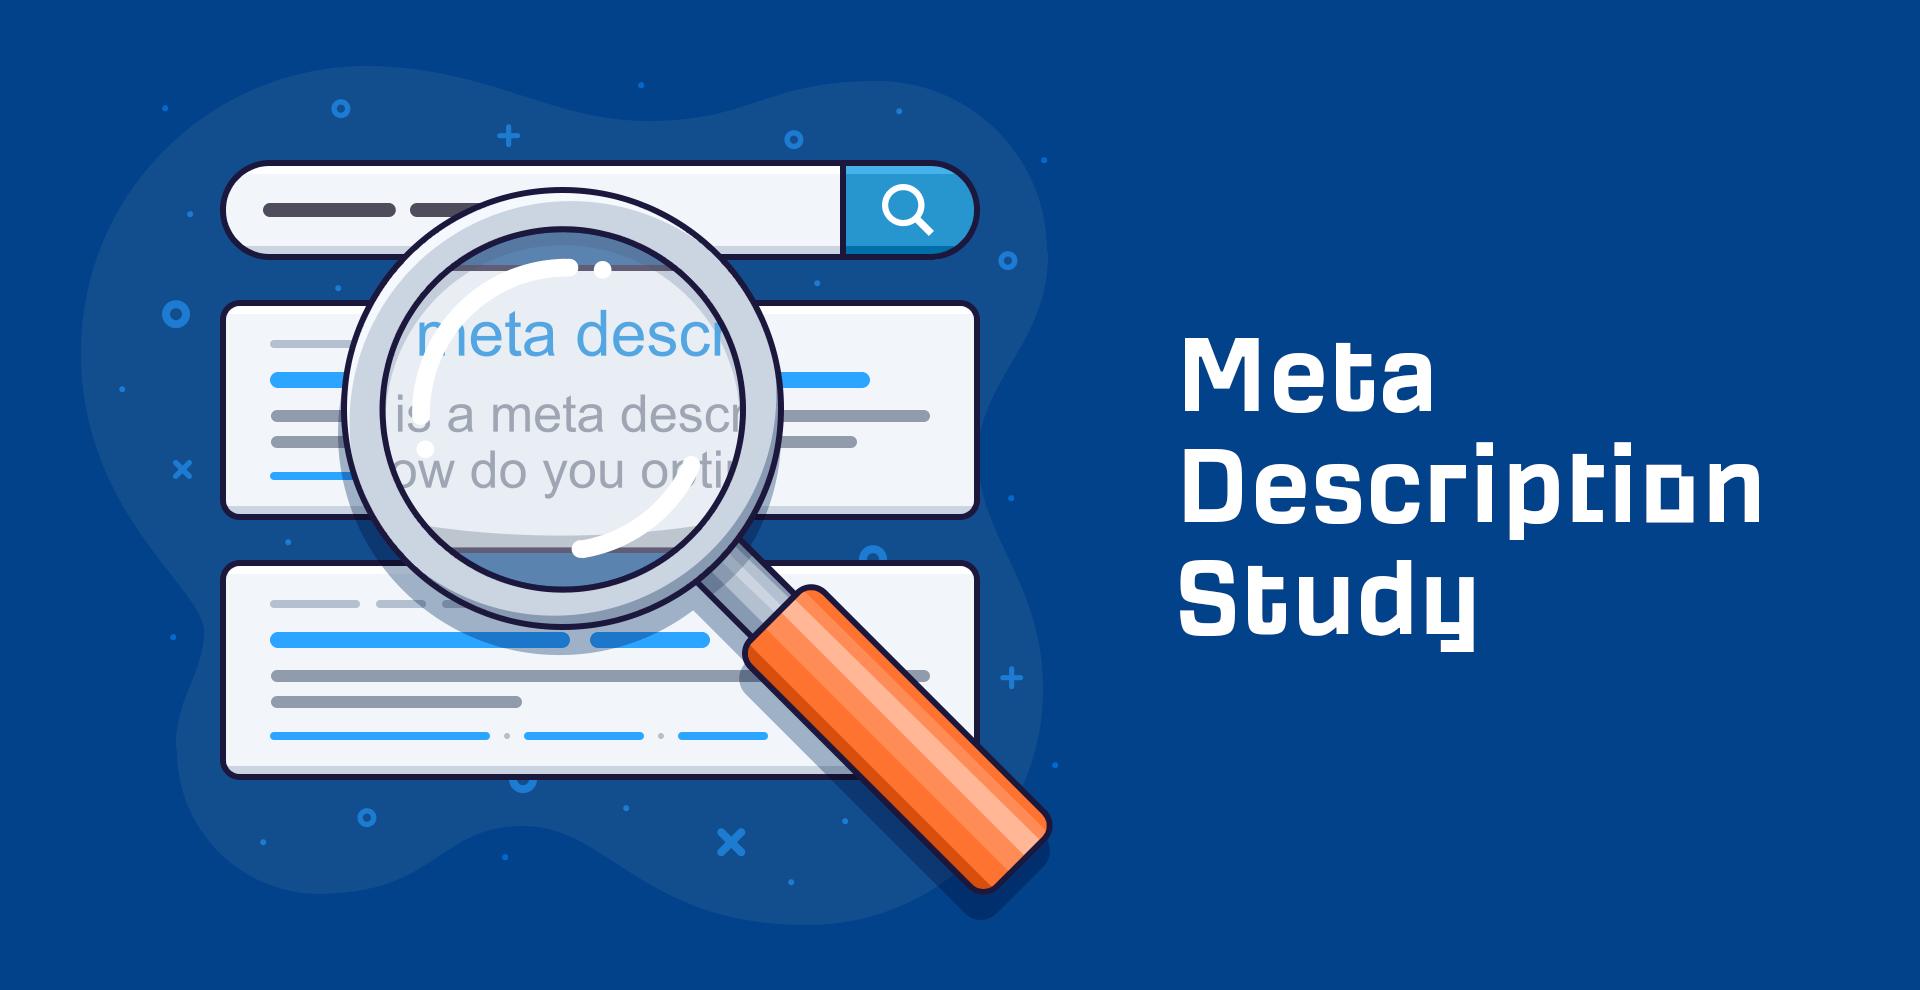 meta açıklaması hakkında bilgi